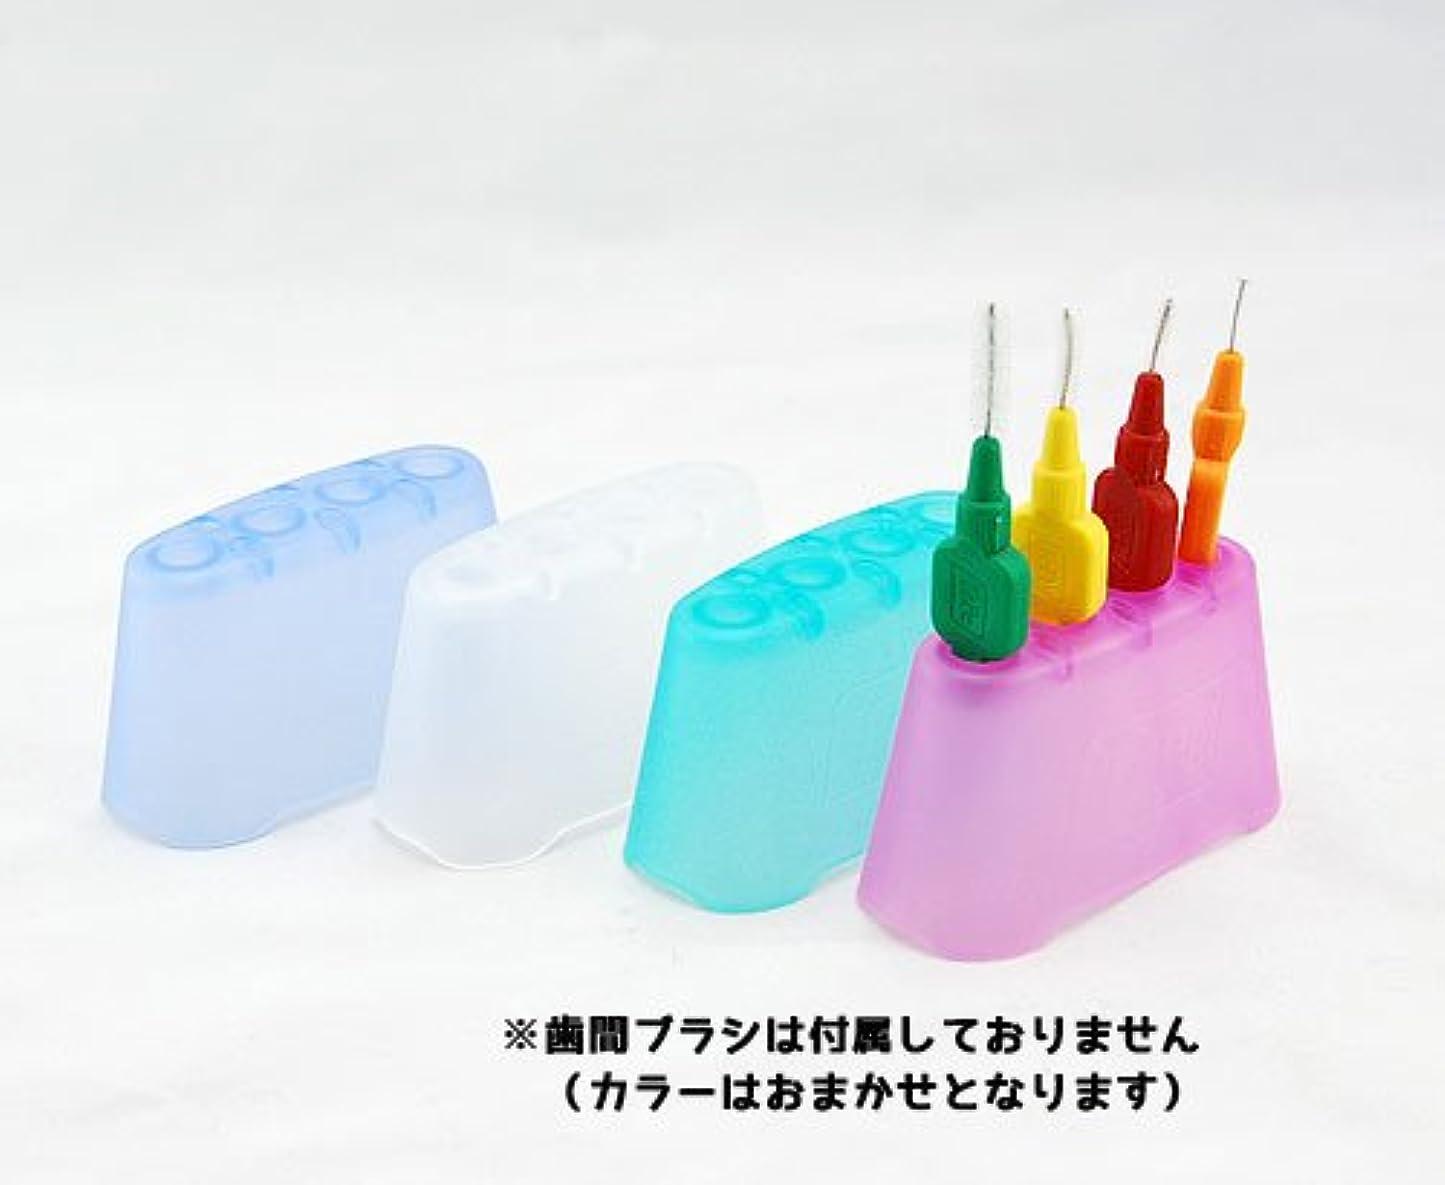 締める注文愛撫クロスフィールド テペ洗面台用マイクロスタンド(カラーはおまかせ)